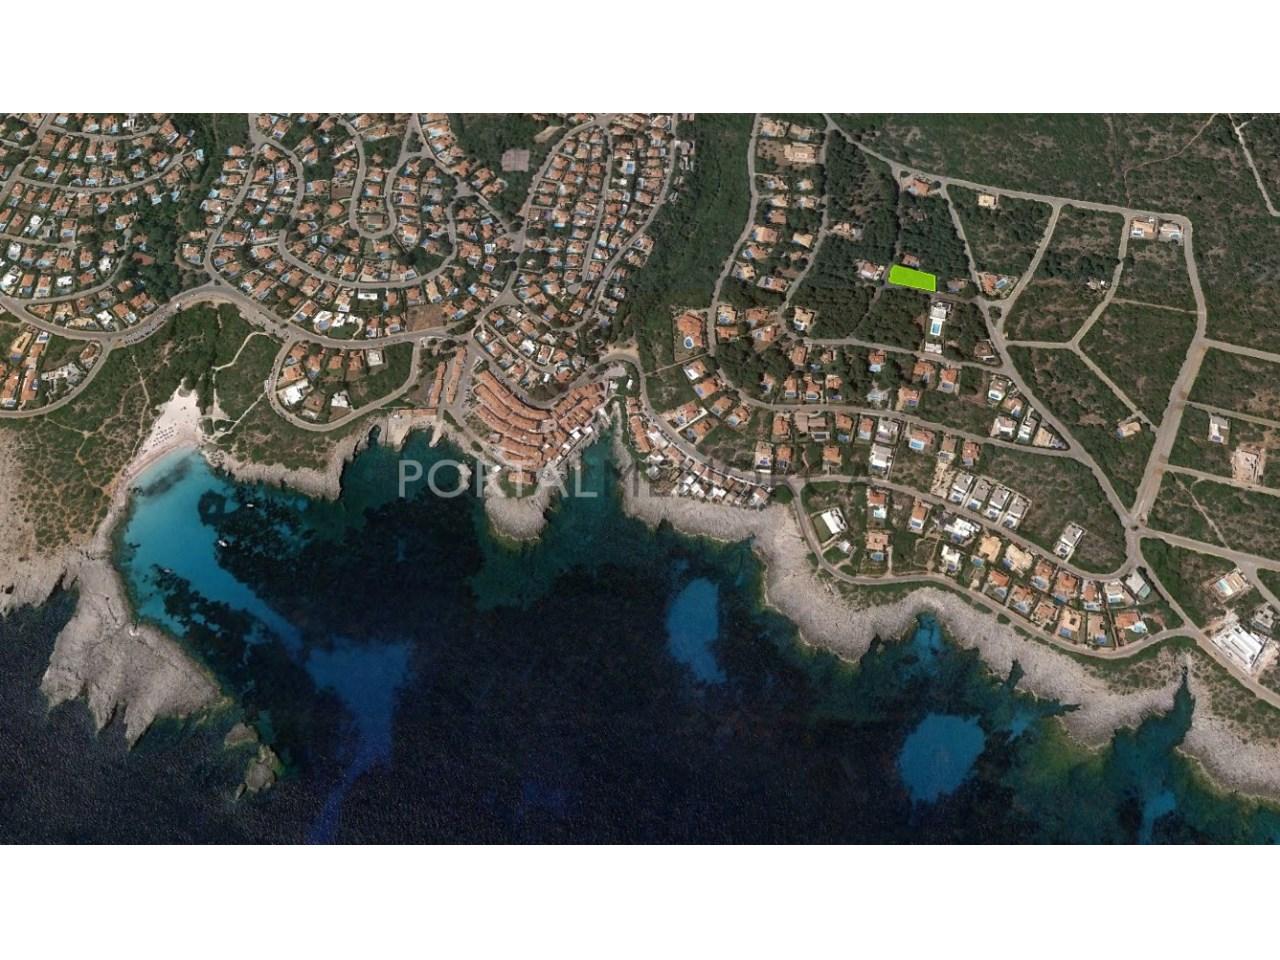 Amplia parcela urbana cerca del mar en venta en Menorca